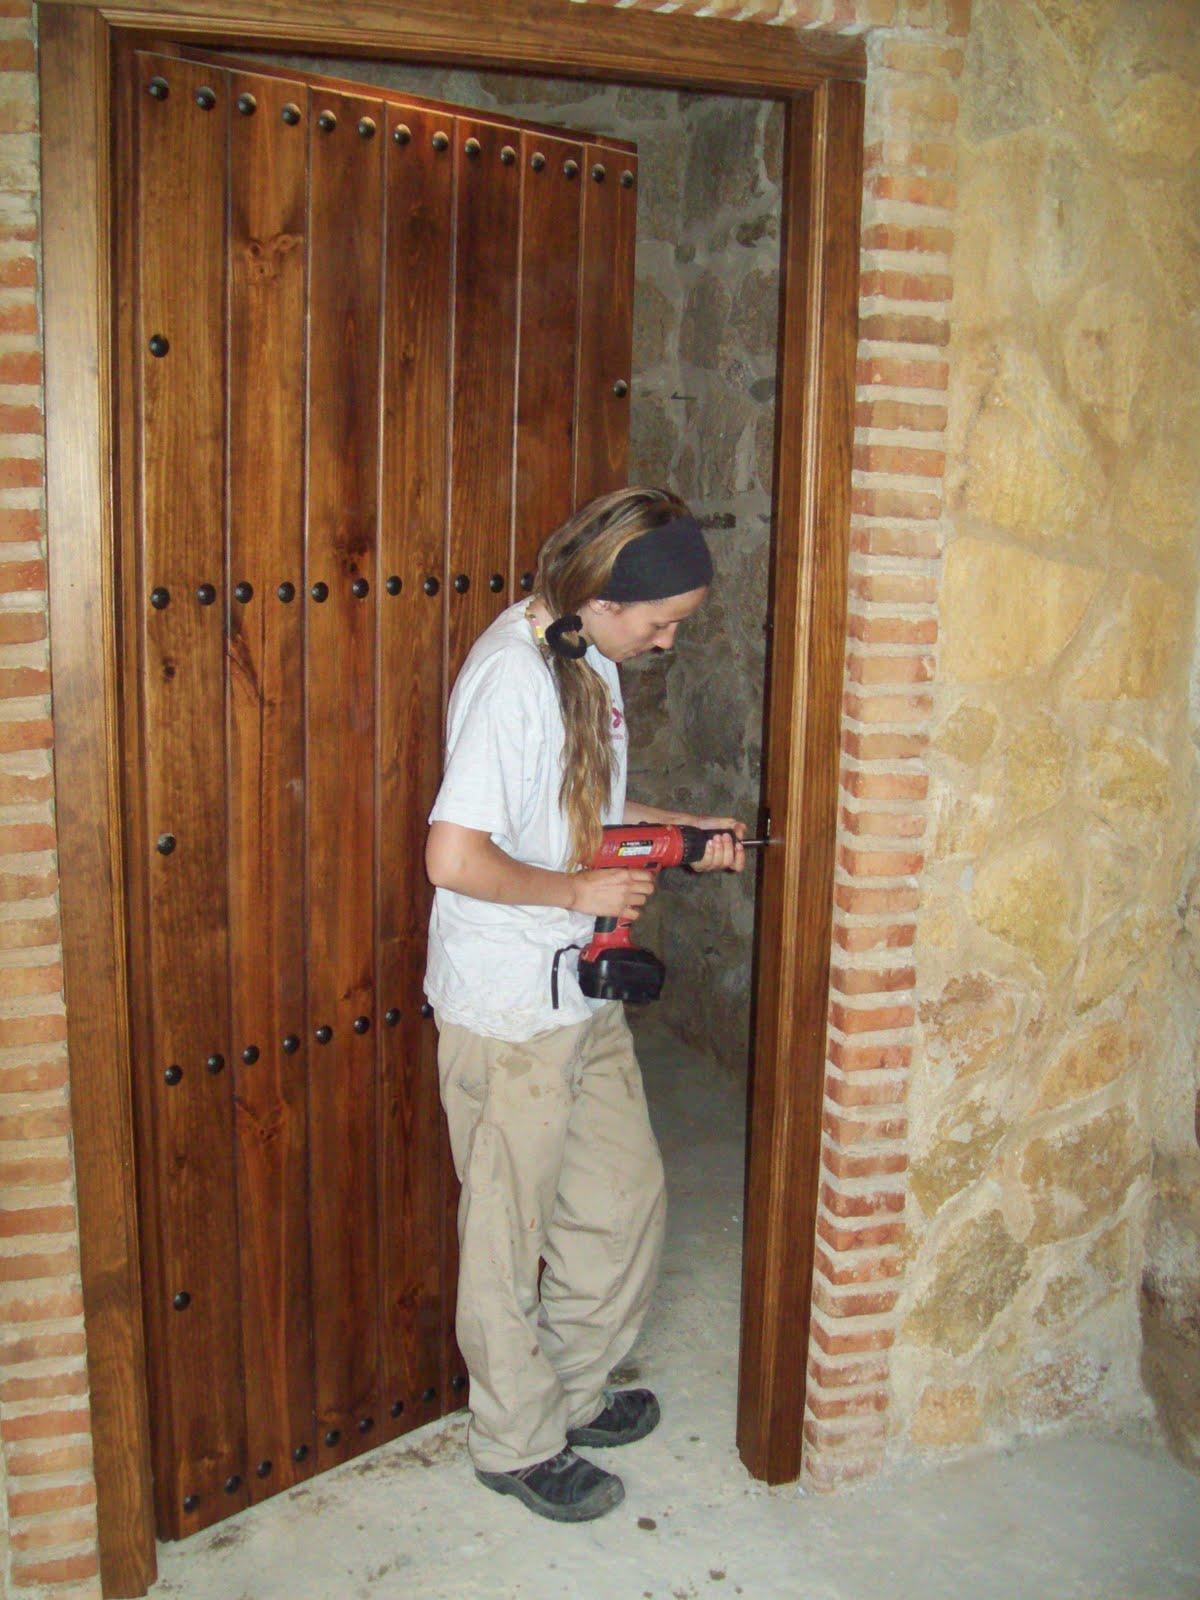 Universidad popular de higuera de vargas escuela taller for Fabricacion de bares de madera